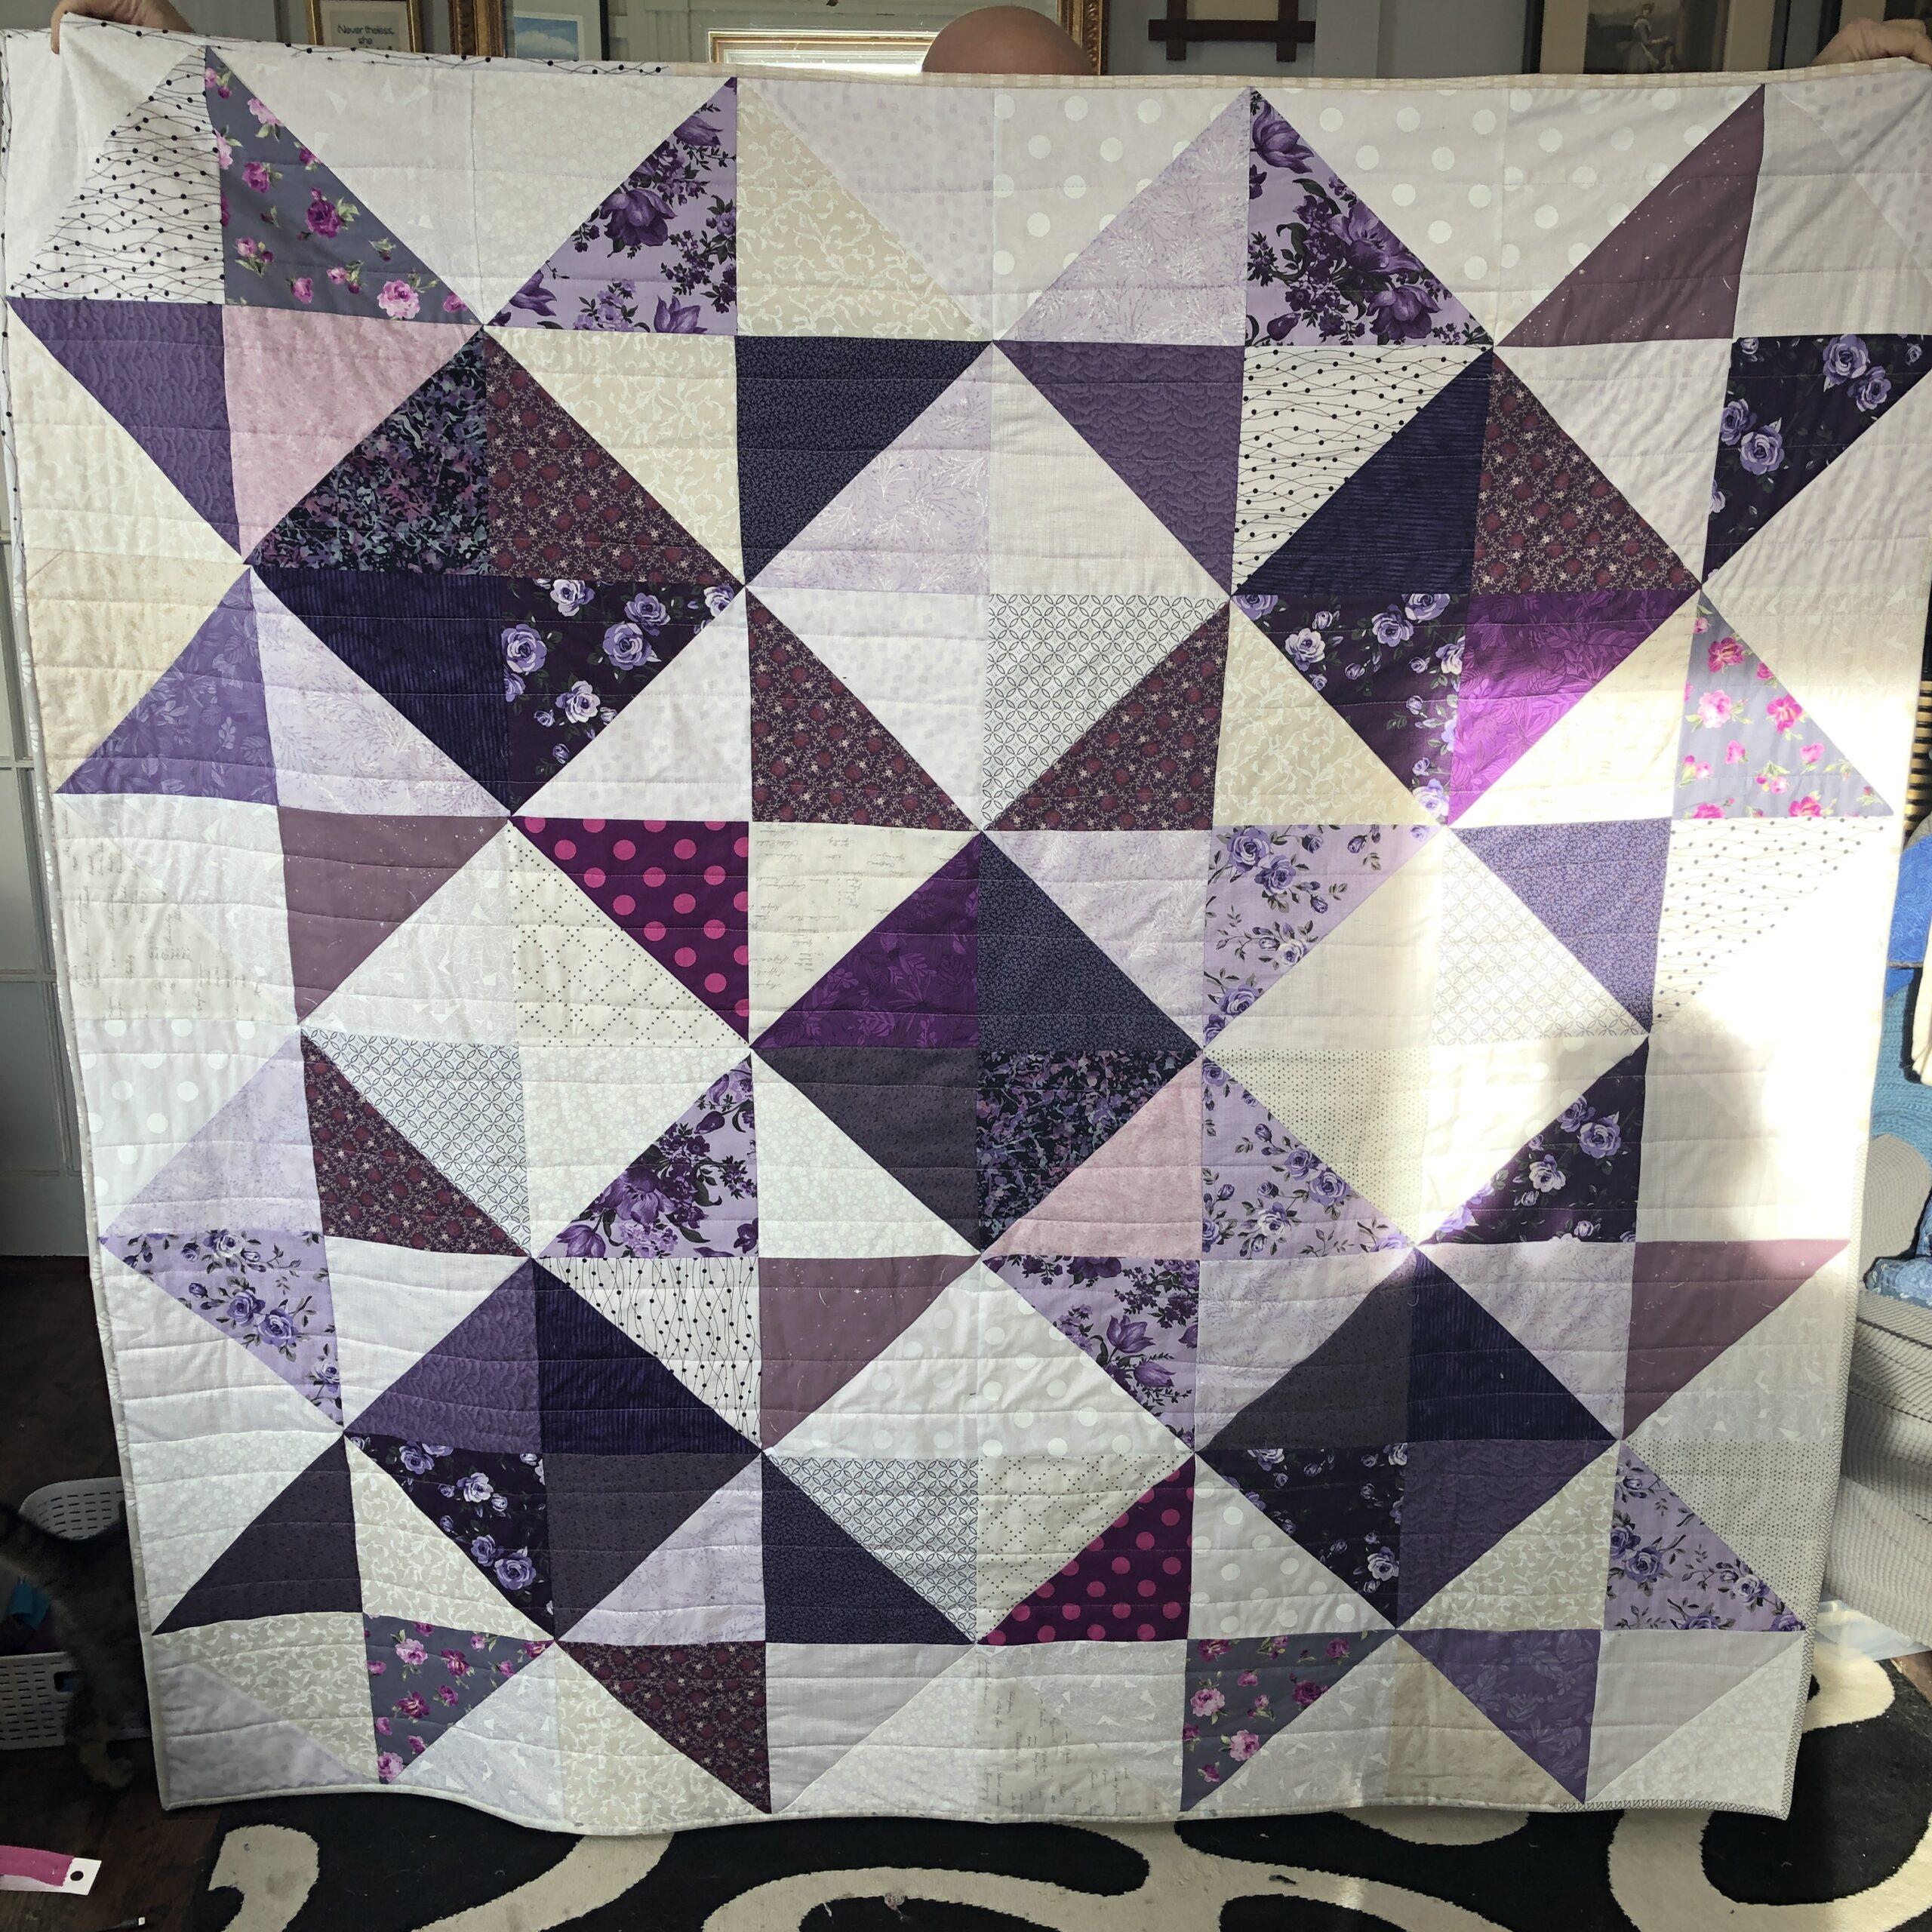 Purple Stargazer quilt